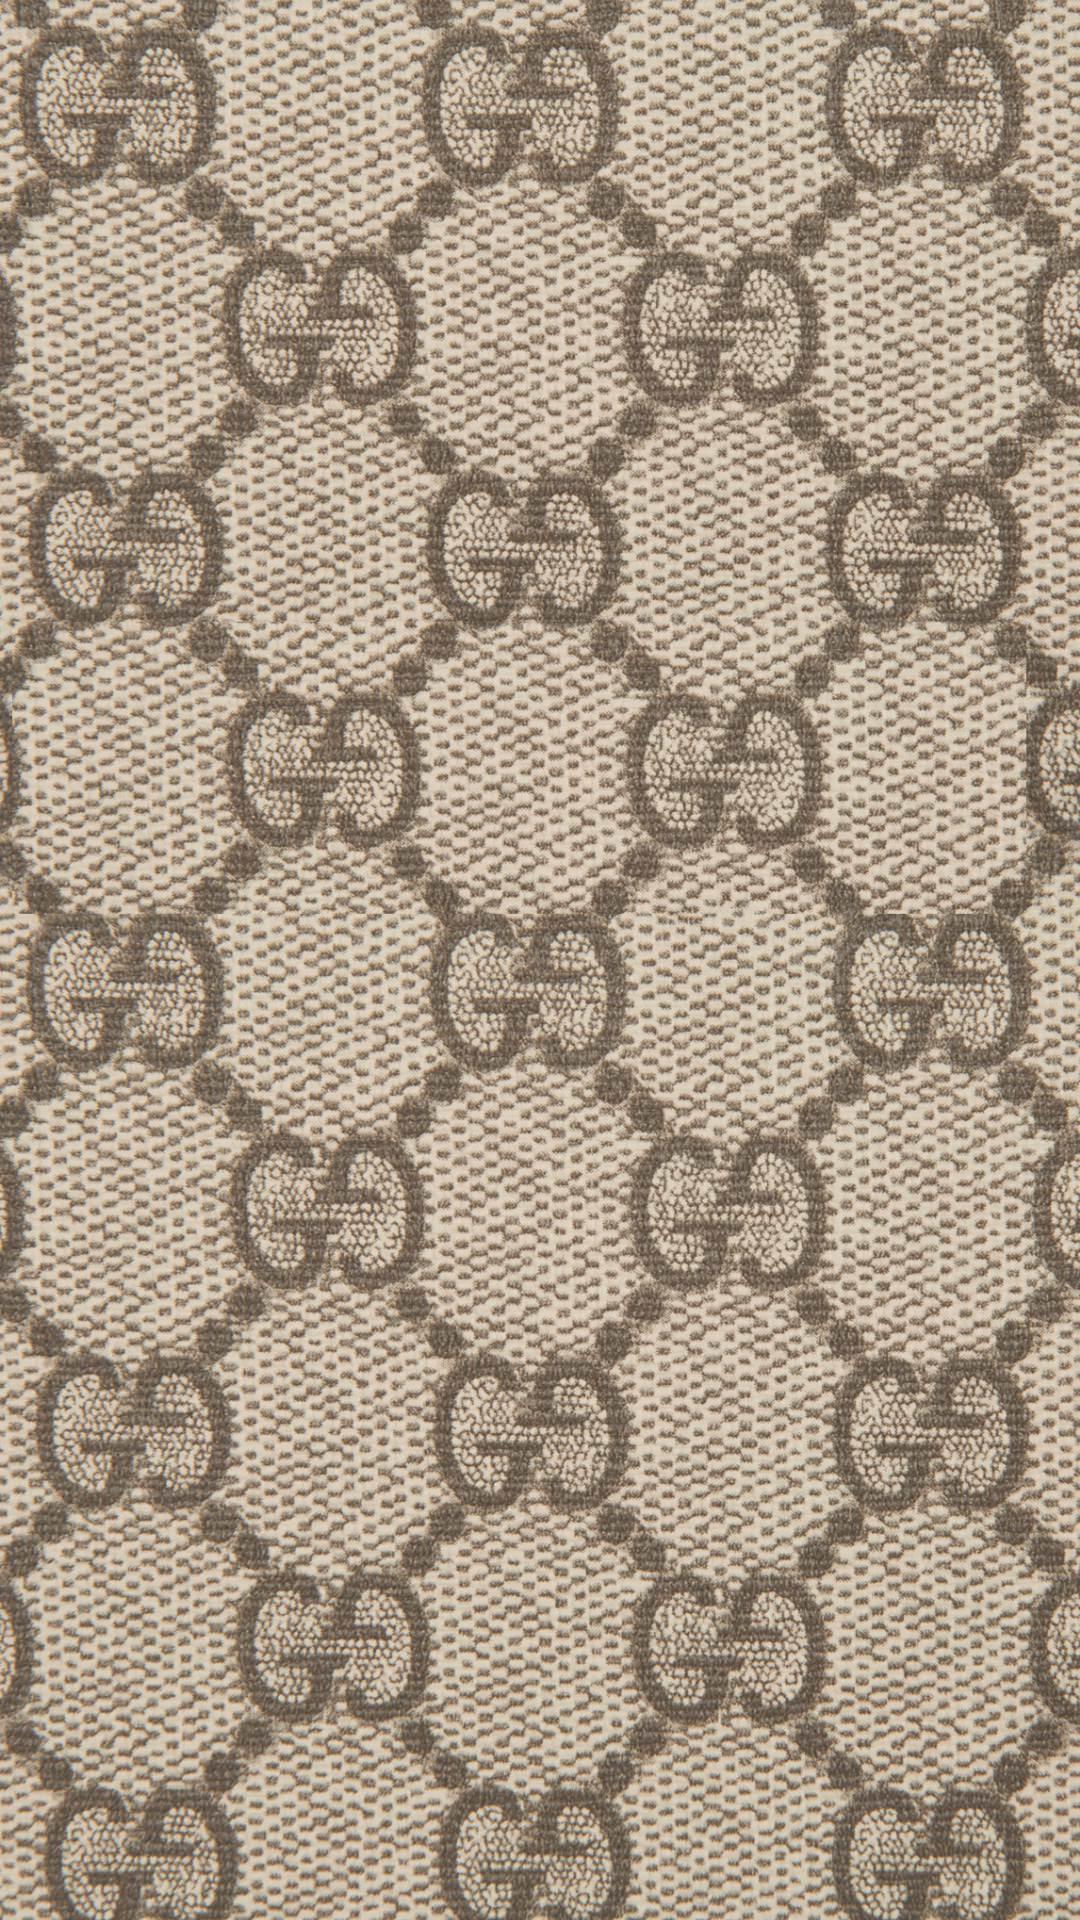 gucci09 - GUCCI/グッチのラグジュアリーな高画質スマホ壁紙19枚 [iPhone&Androidに対応]